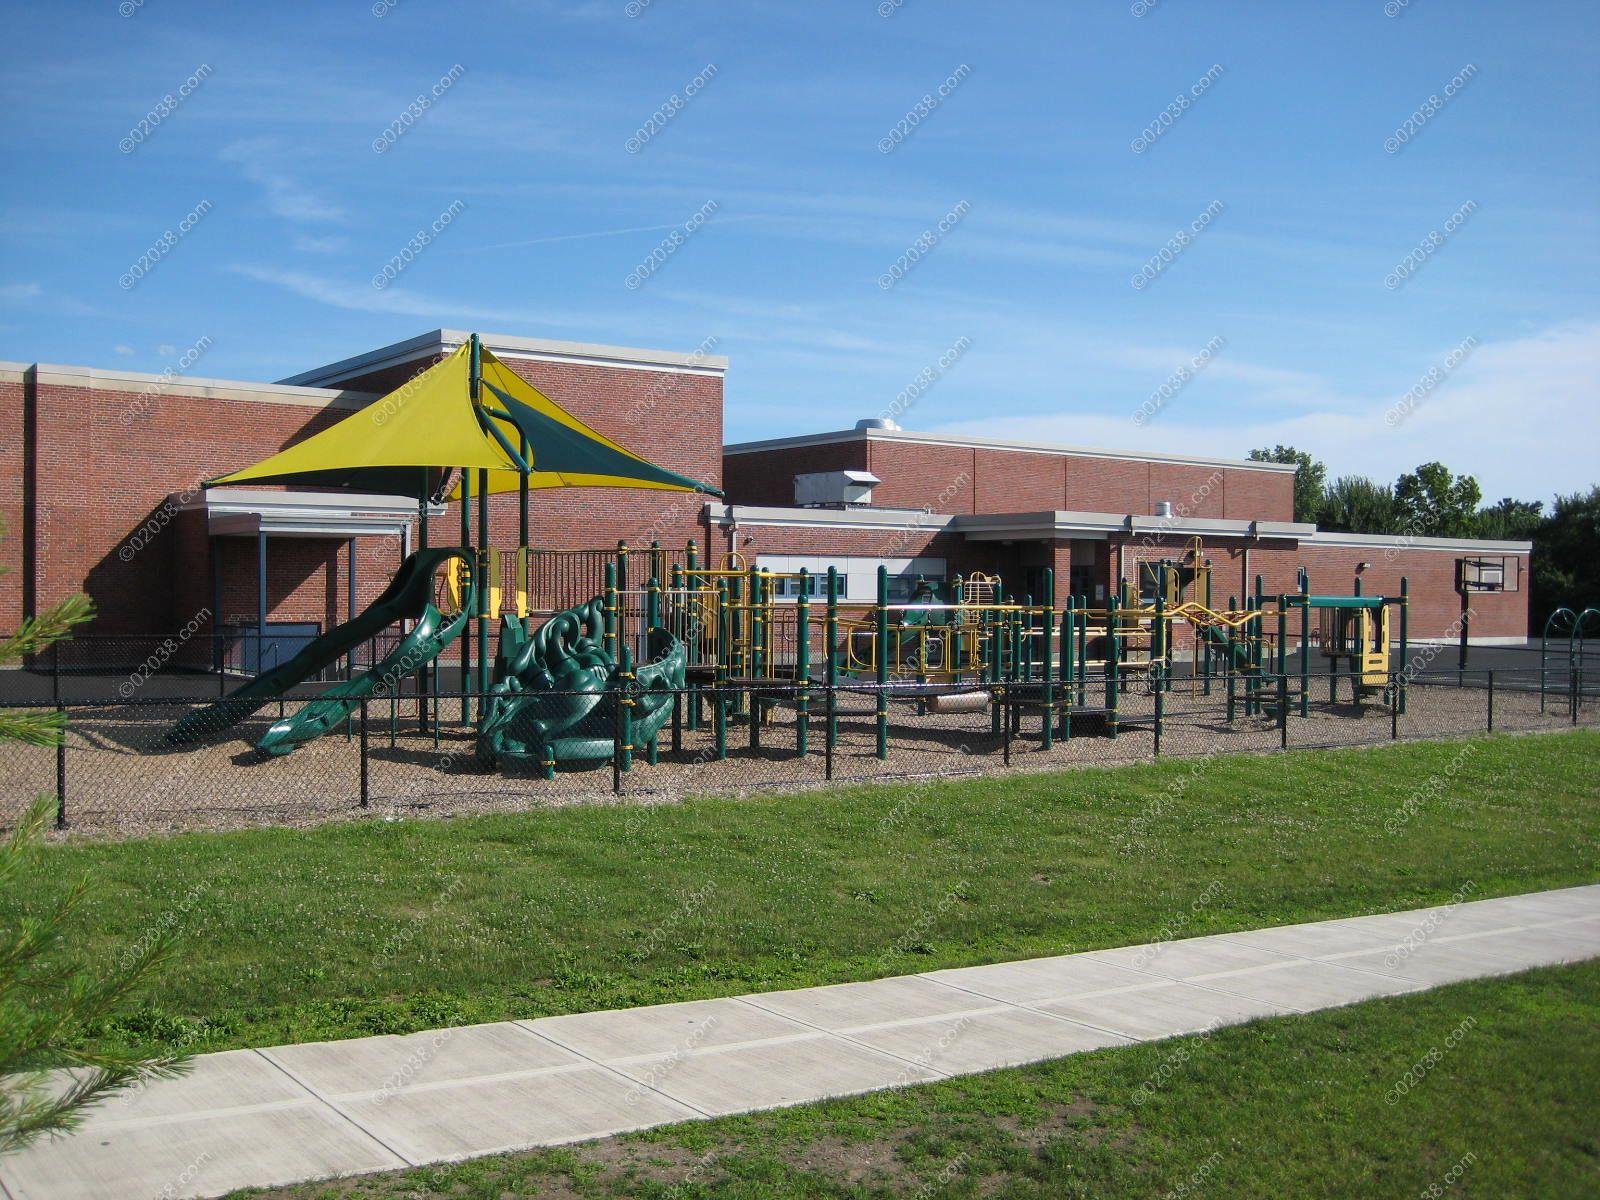 oak-st-elementary-school-franklin-ma-9.jpg